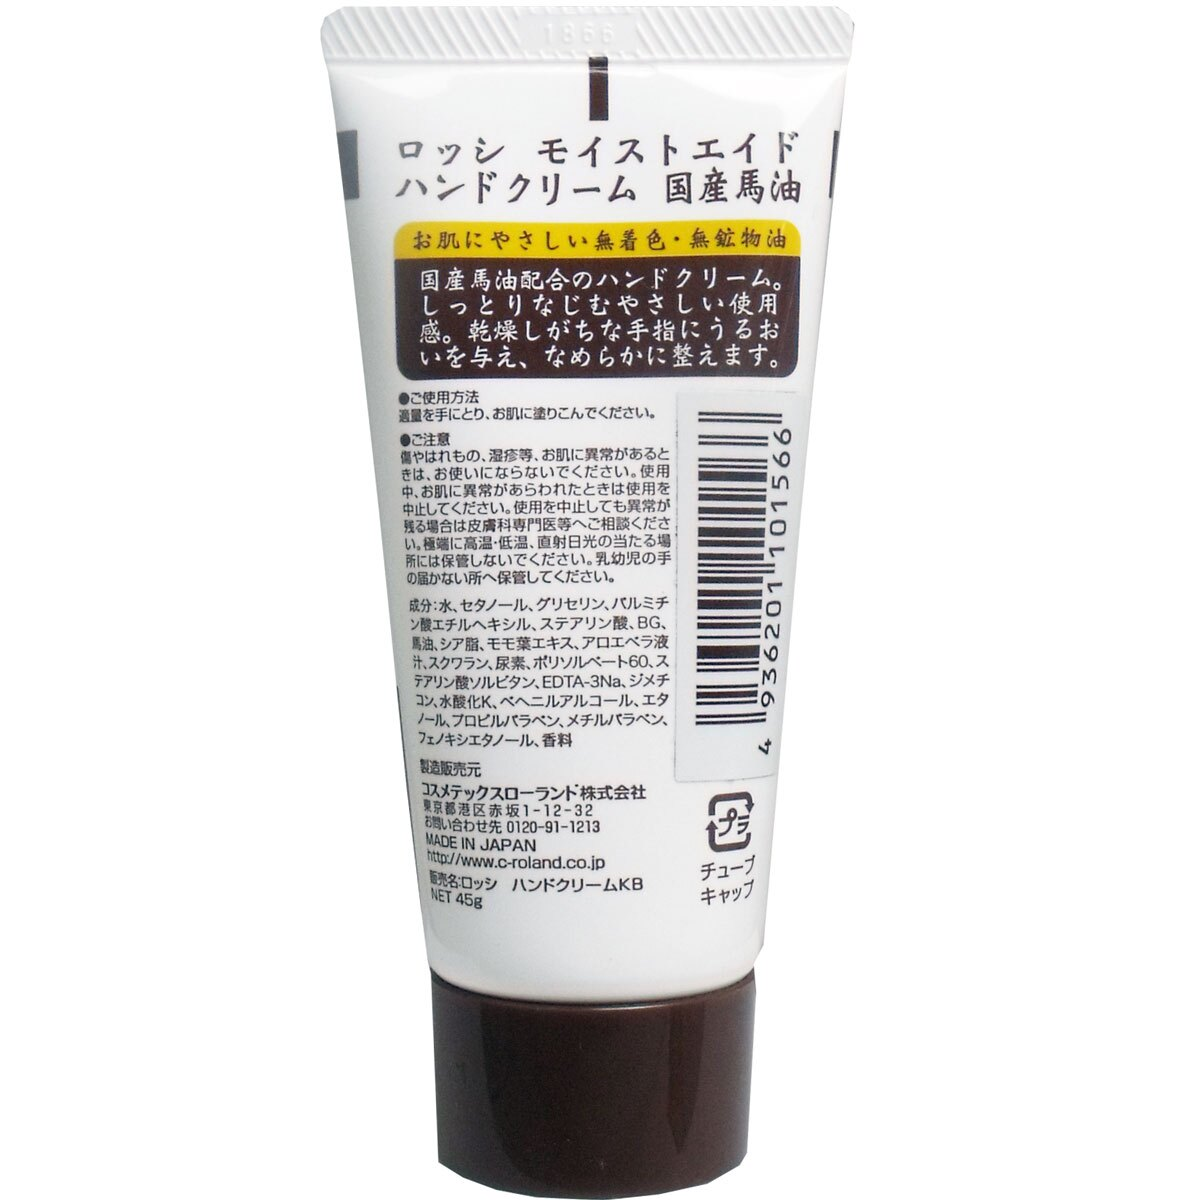 大賀屋 日本製 馬油 護手霜 高cp 滋潤 保濕 護手 保養 美容 正版 授權 J00014222